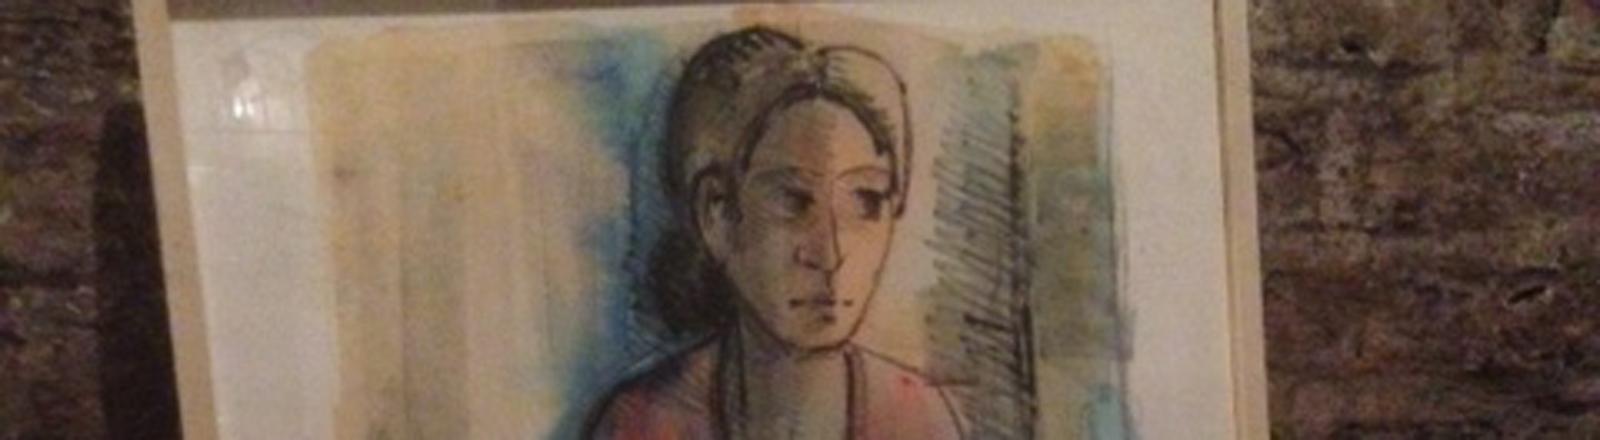 Bild mit einer Frau an eine Wand gelehnt.